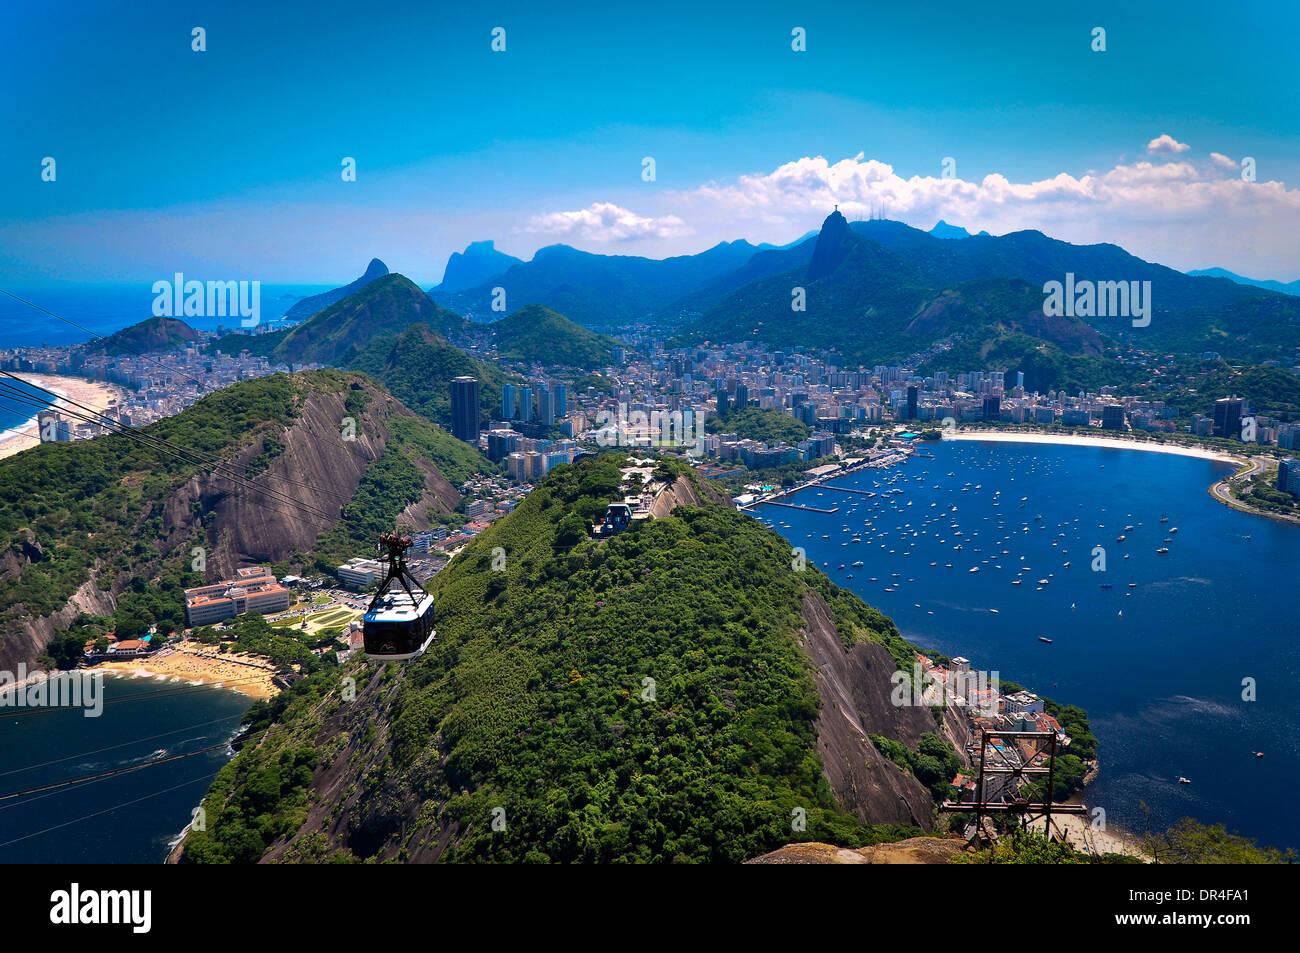 Ropeway in Rio de Janeiro, Brazil - Stock Image